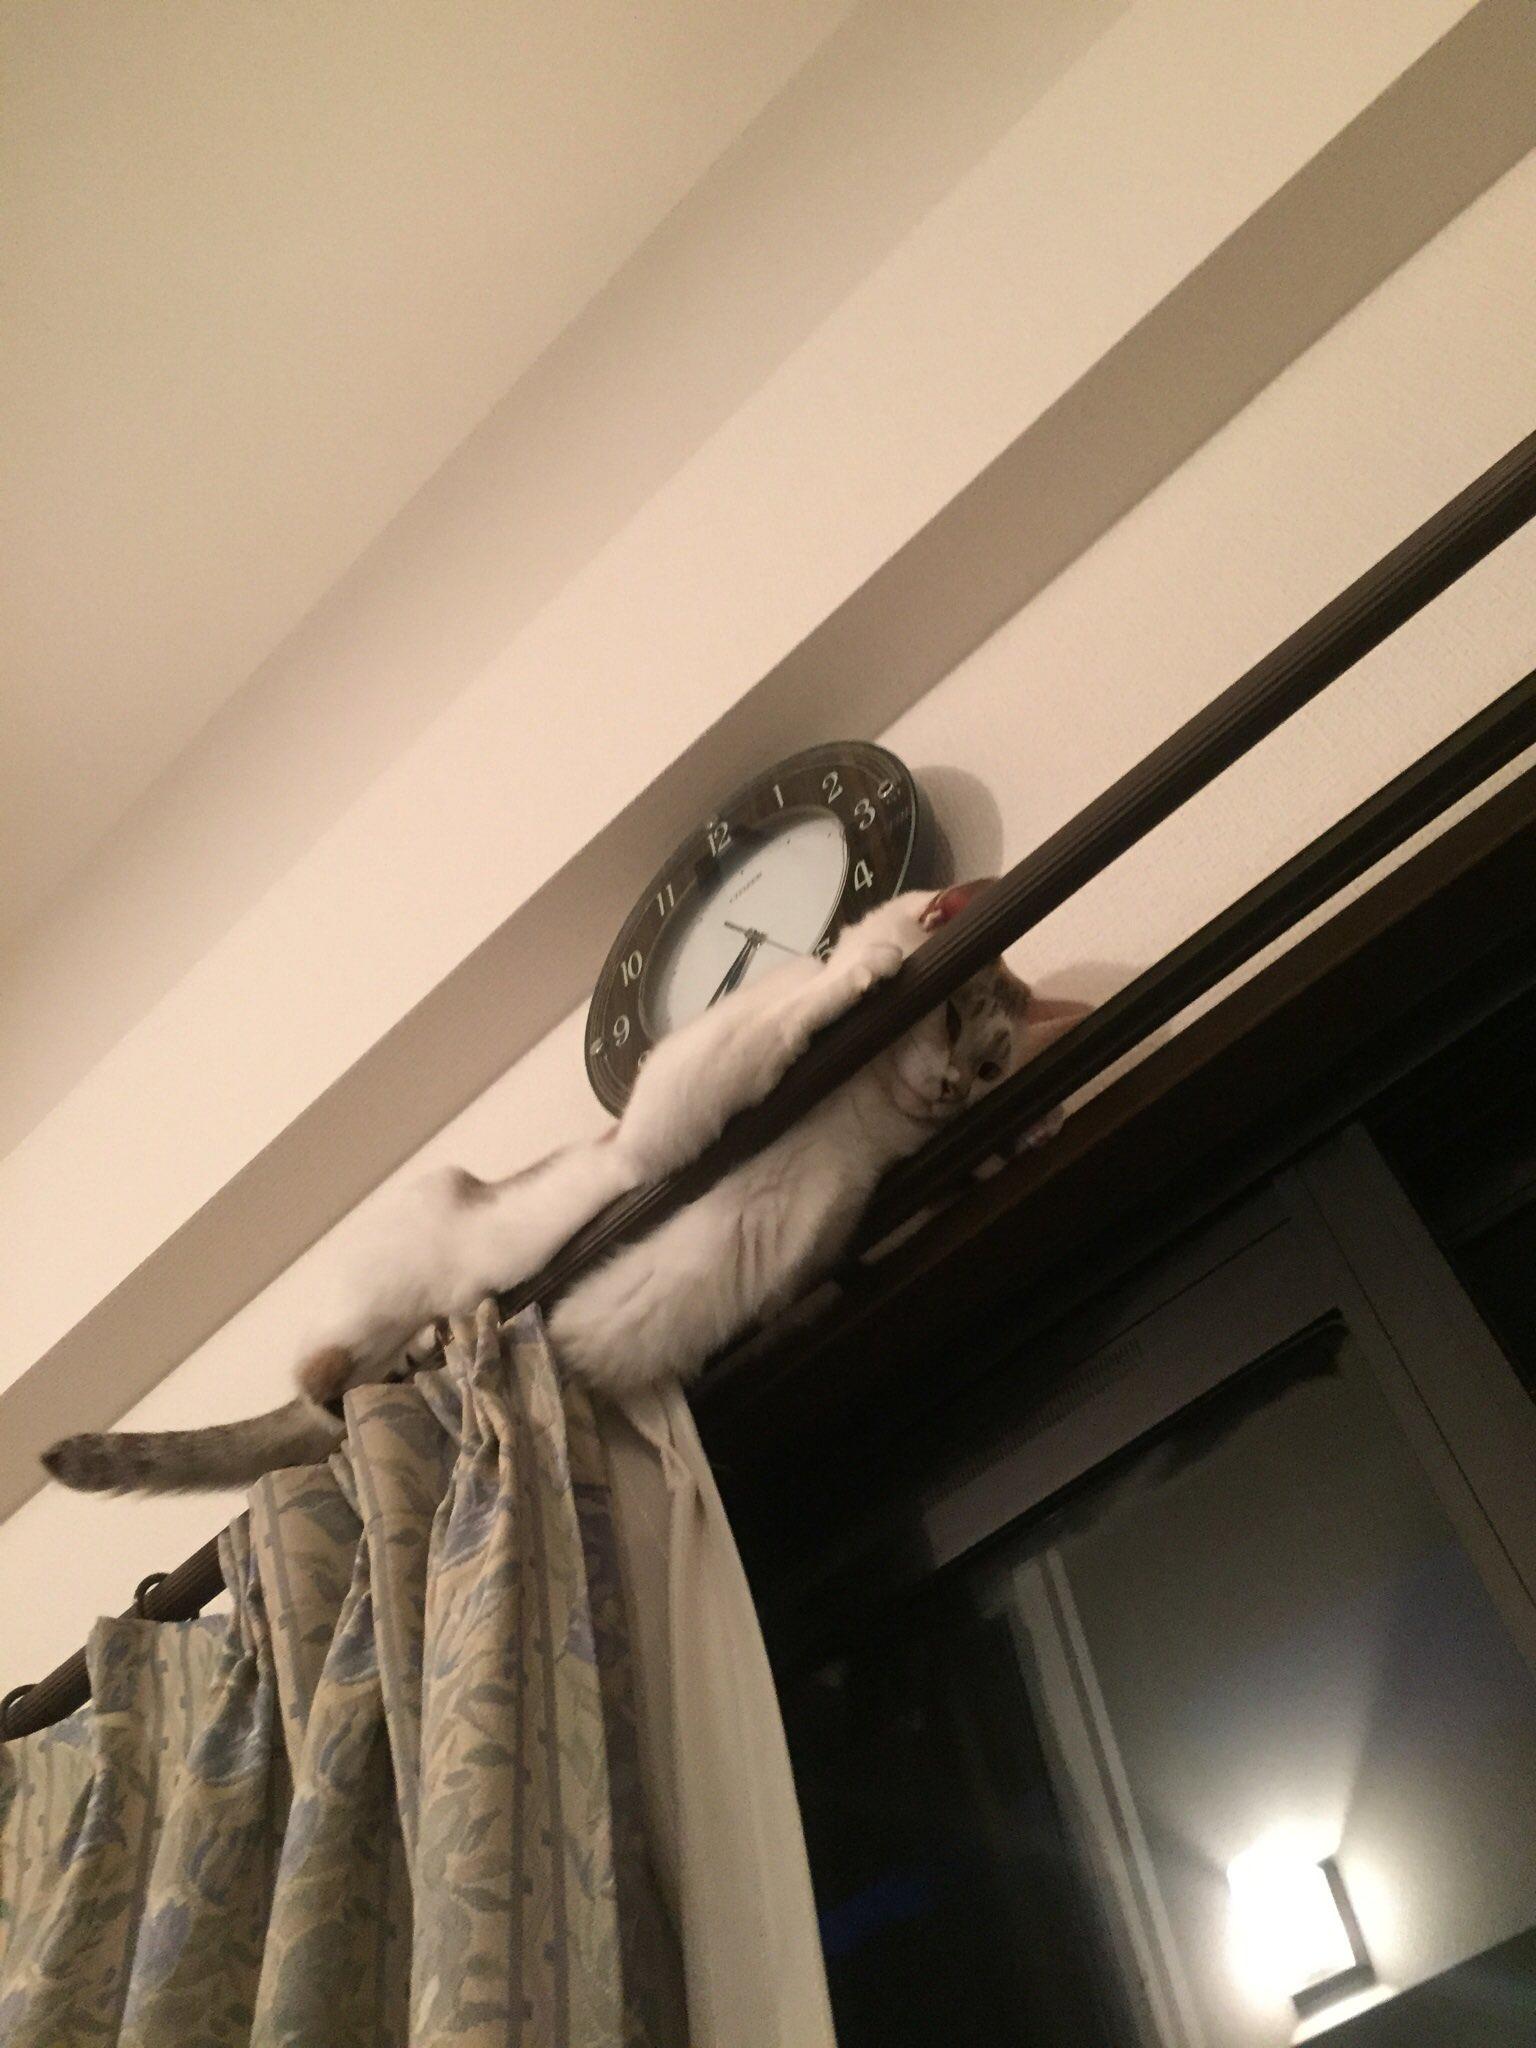 カーテンレールから降りられなくなっている猫www助けてほしい・・・